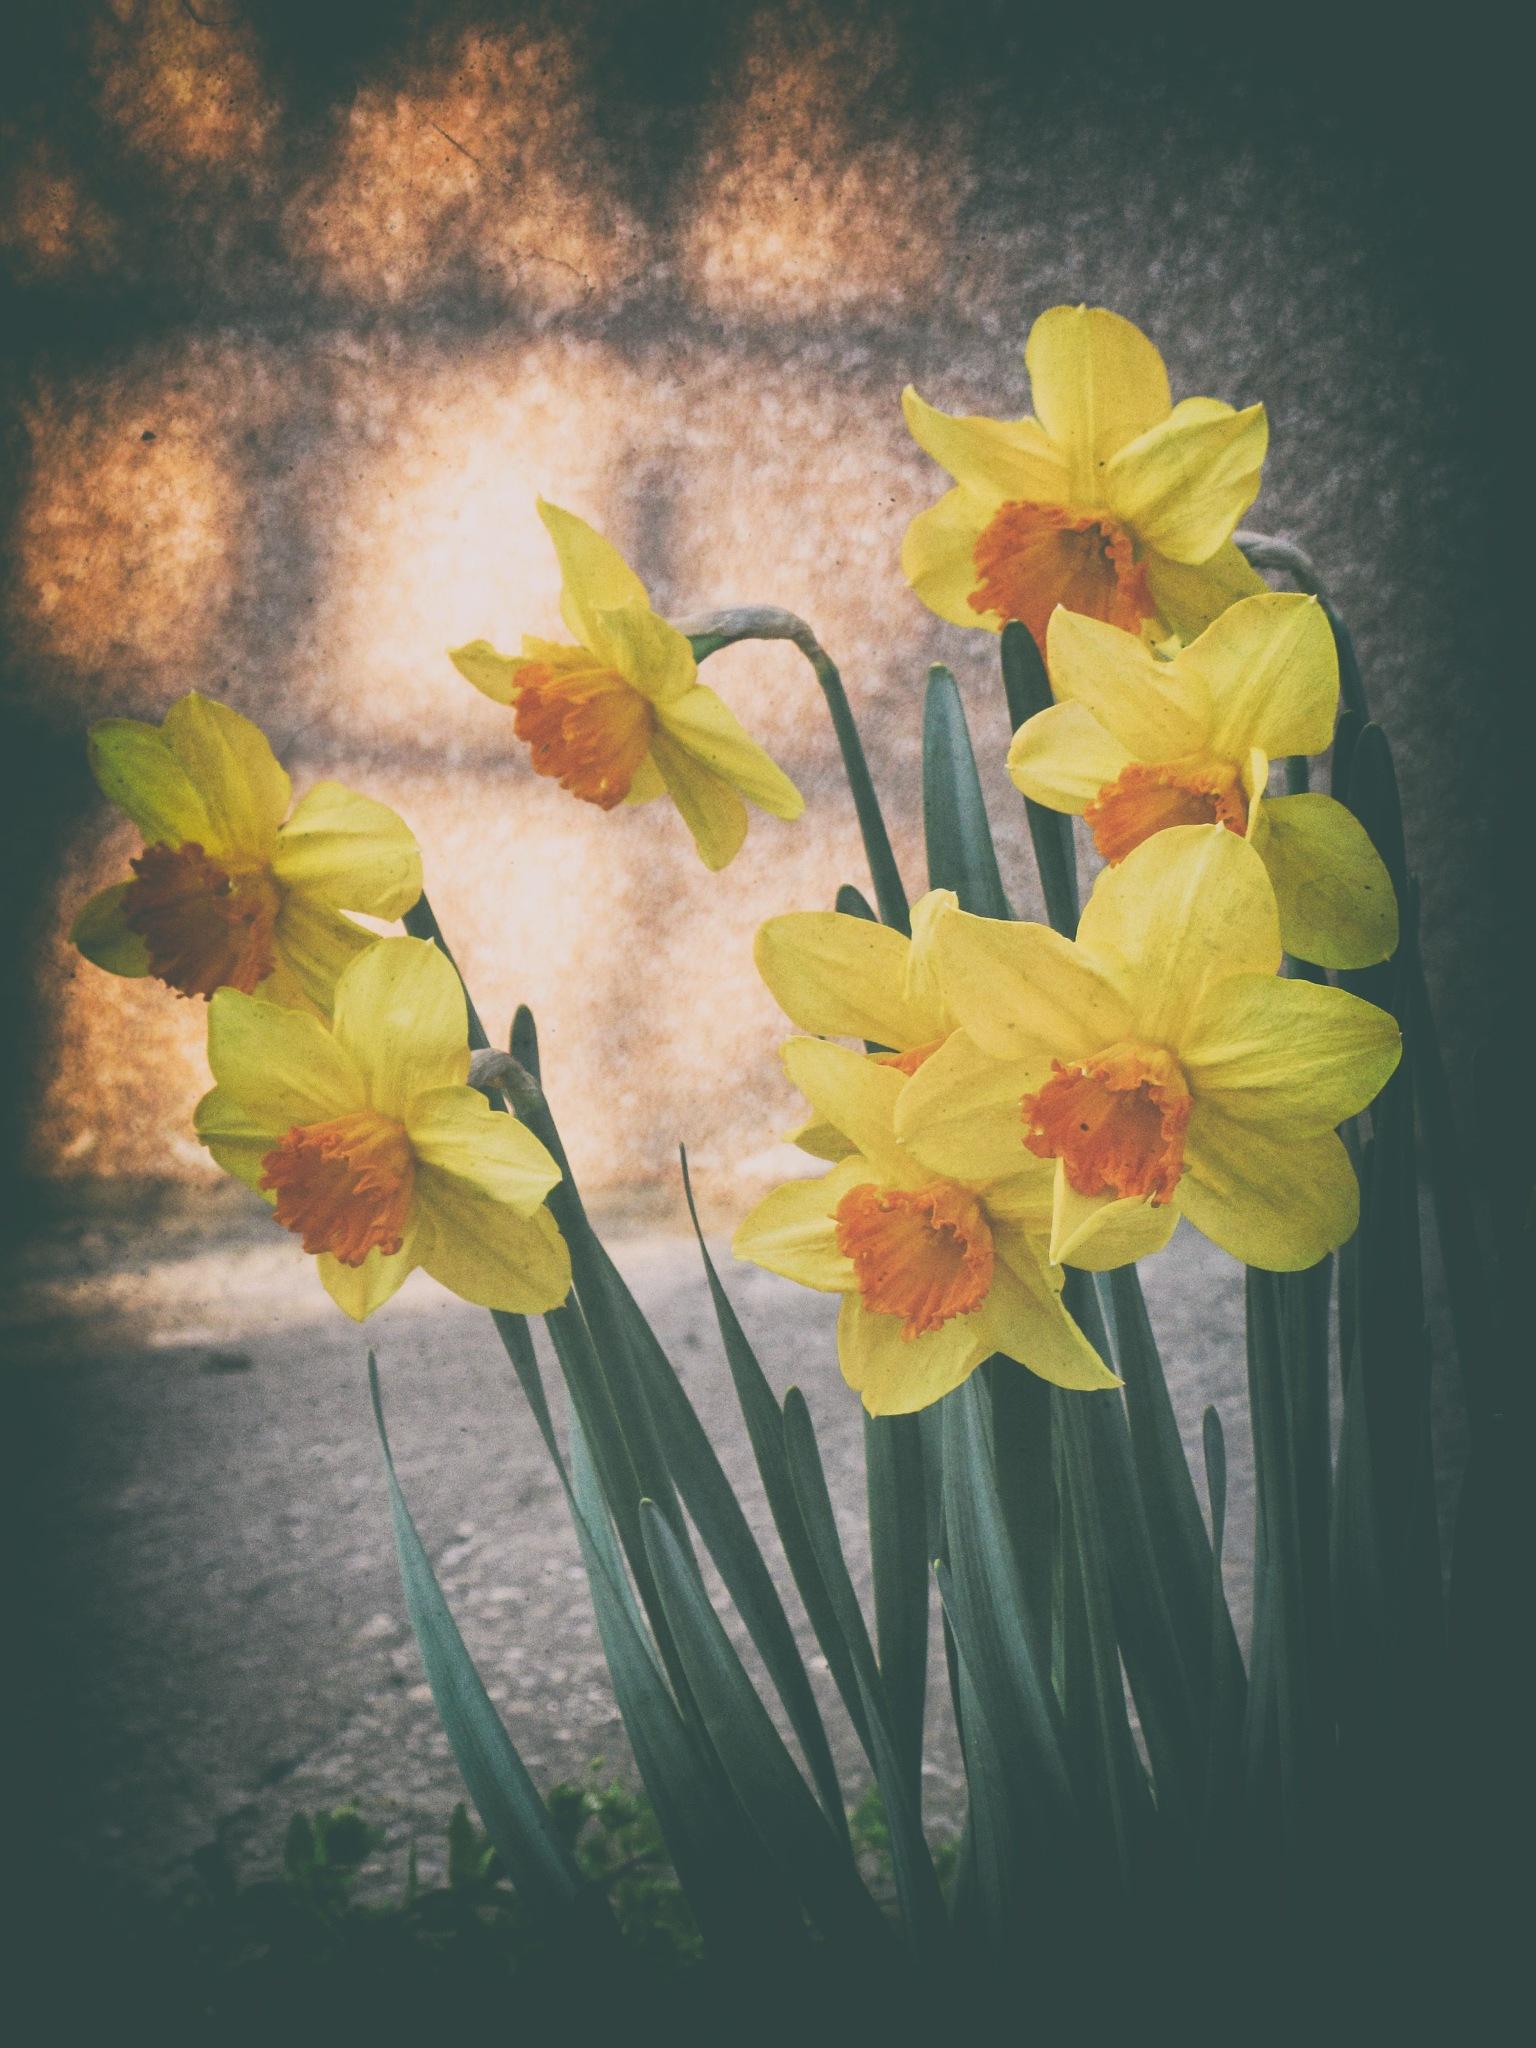 daffodils by Javorka